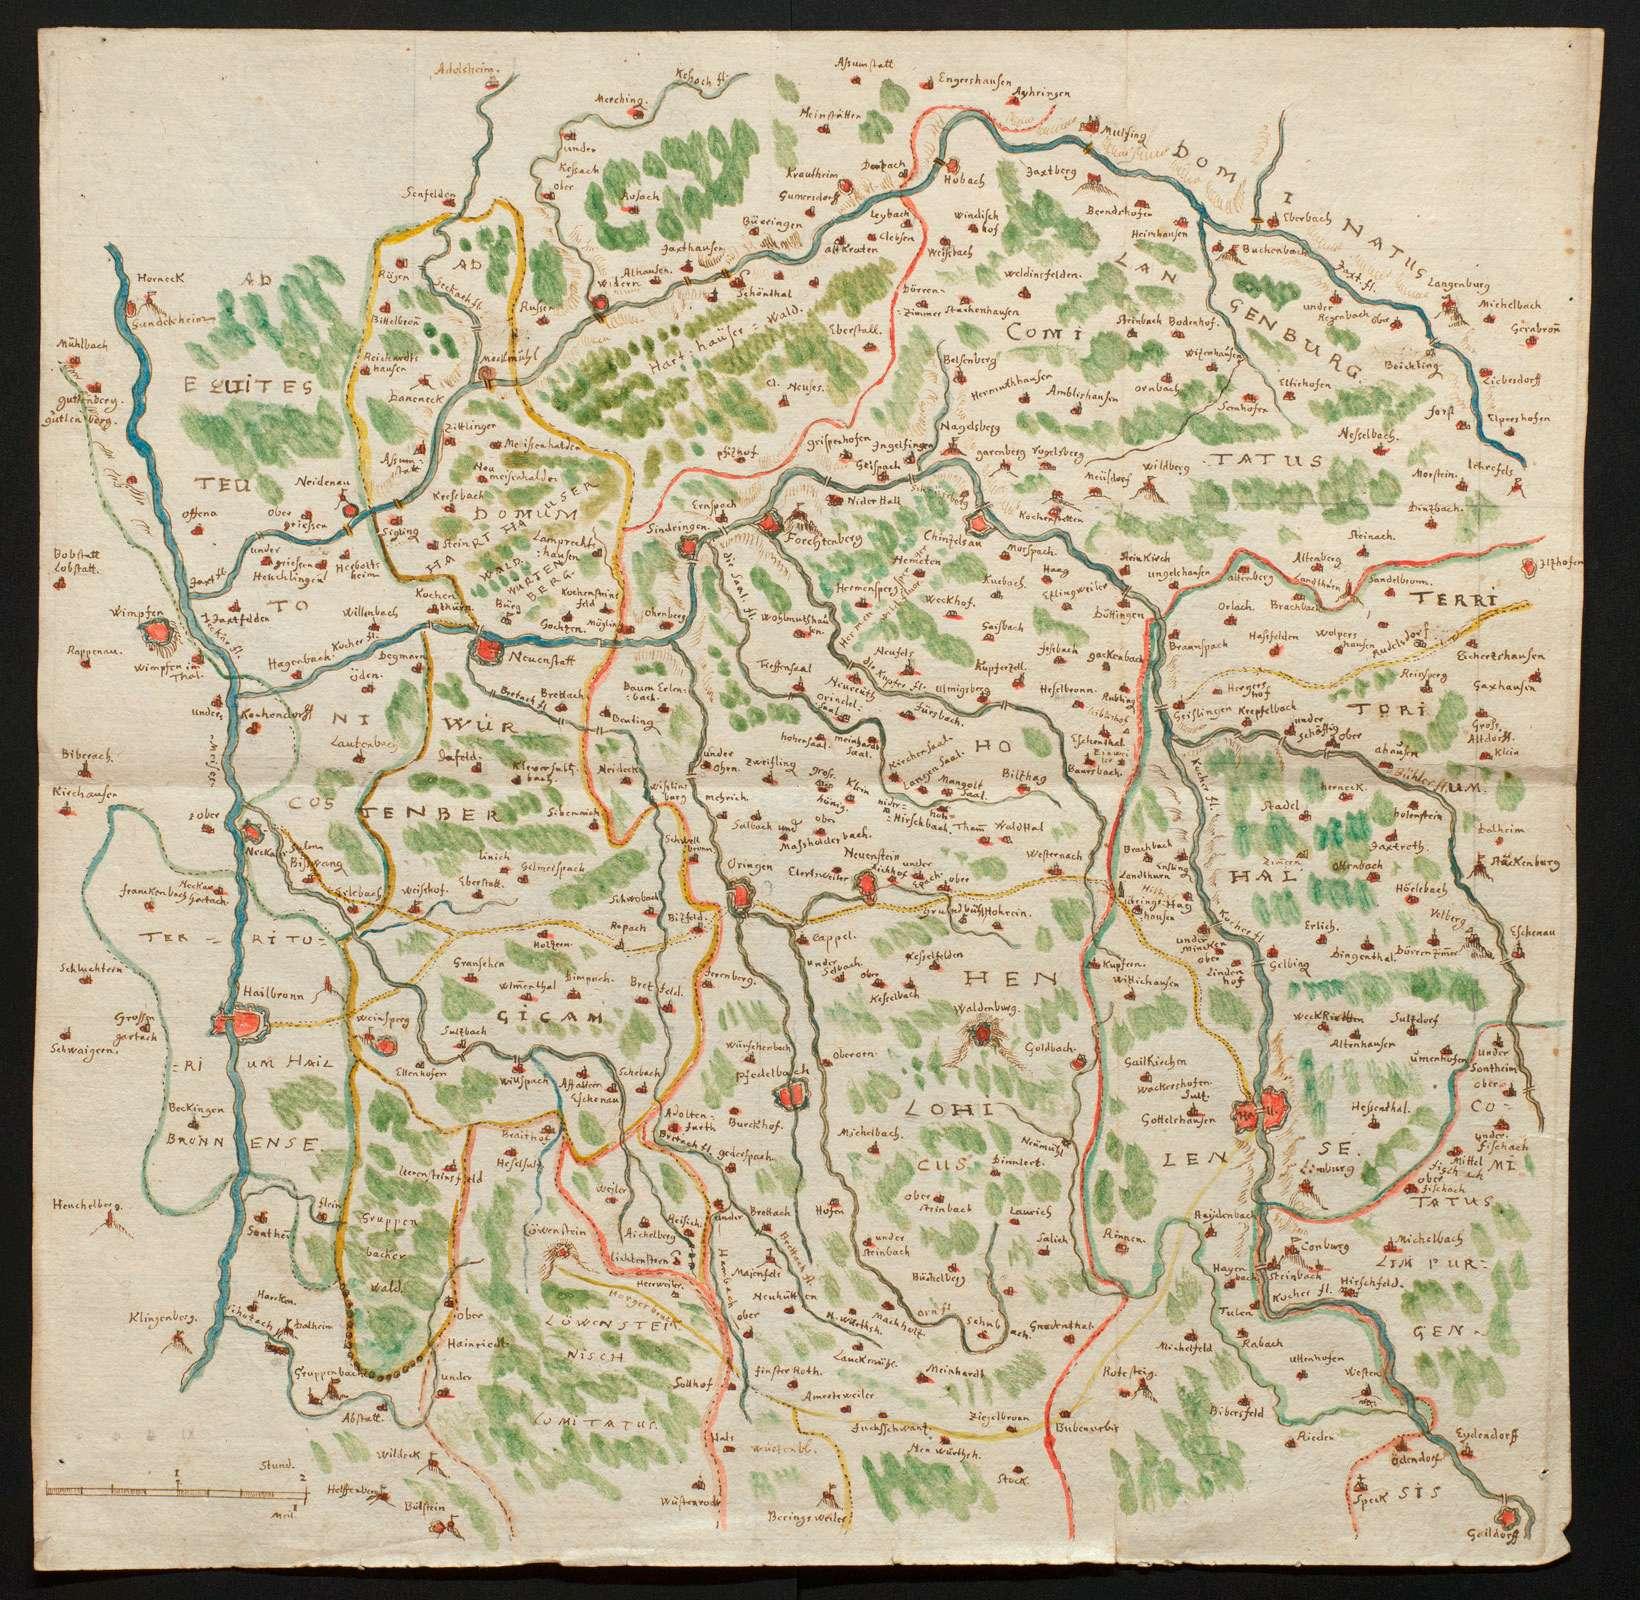 [Karte des Gebiets zwischen Neckar, Jagst und Kocher mit ihren Nebenflüssen], Bild 1